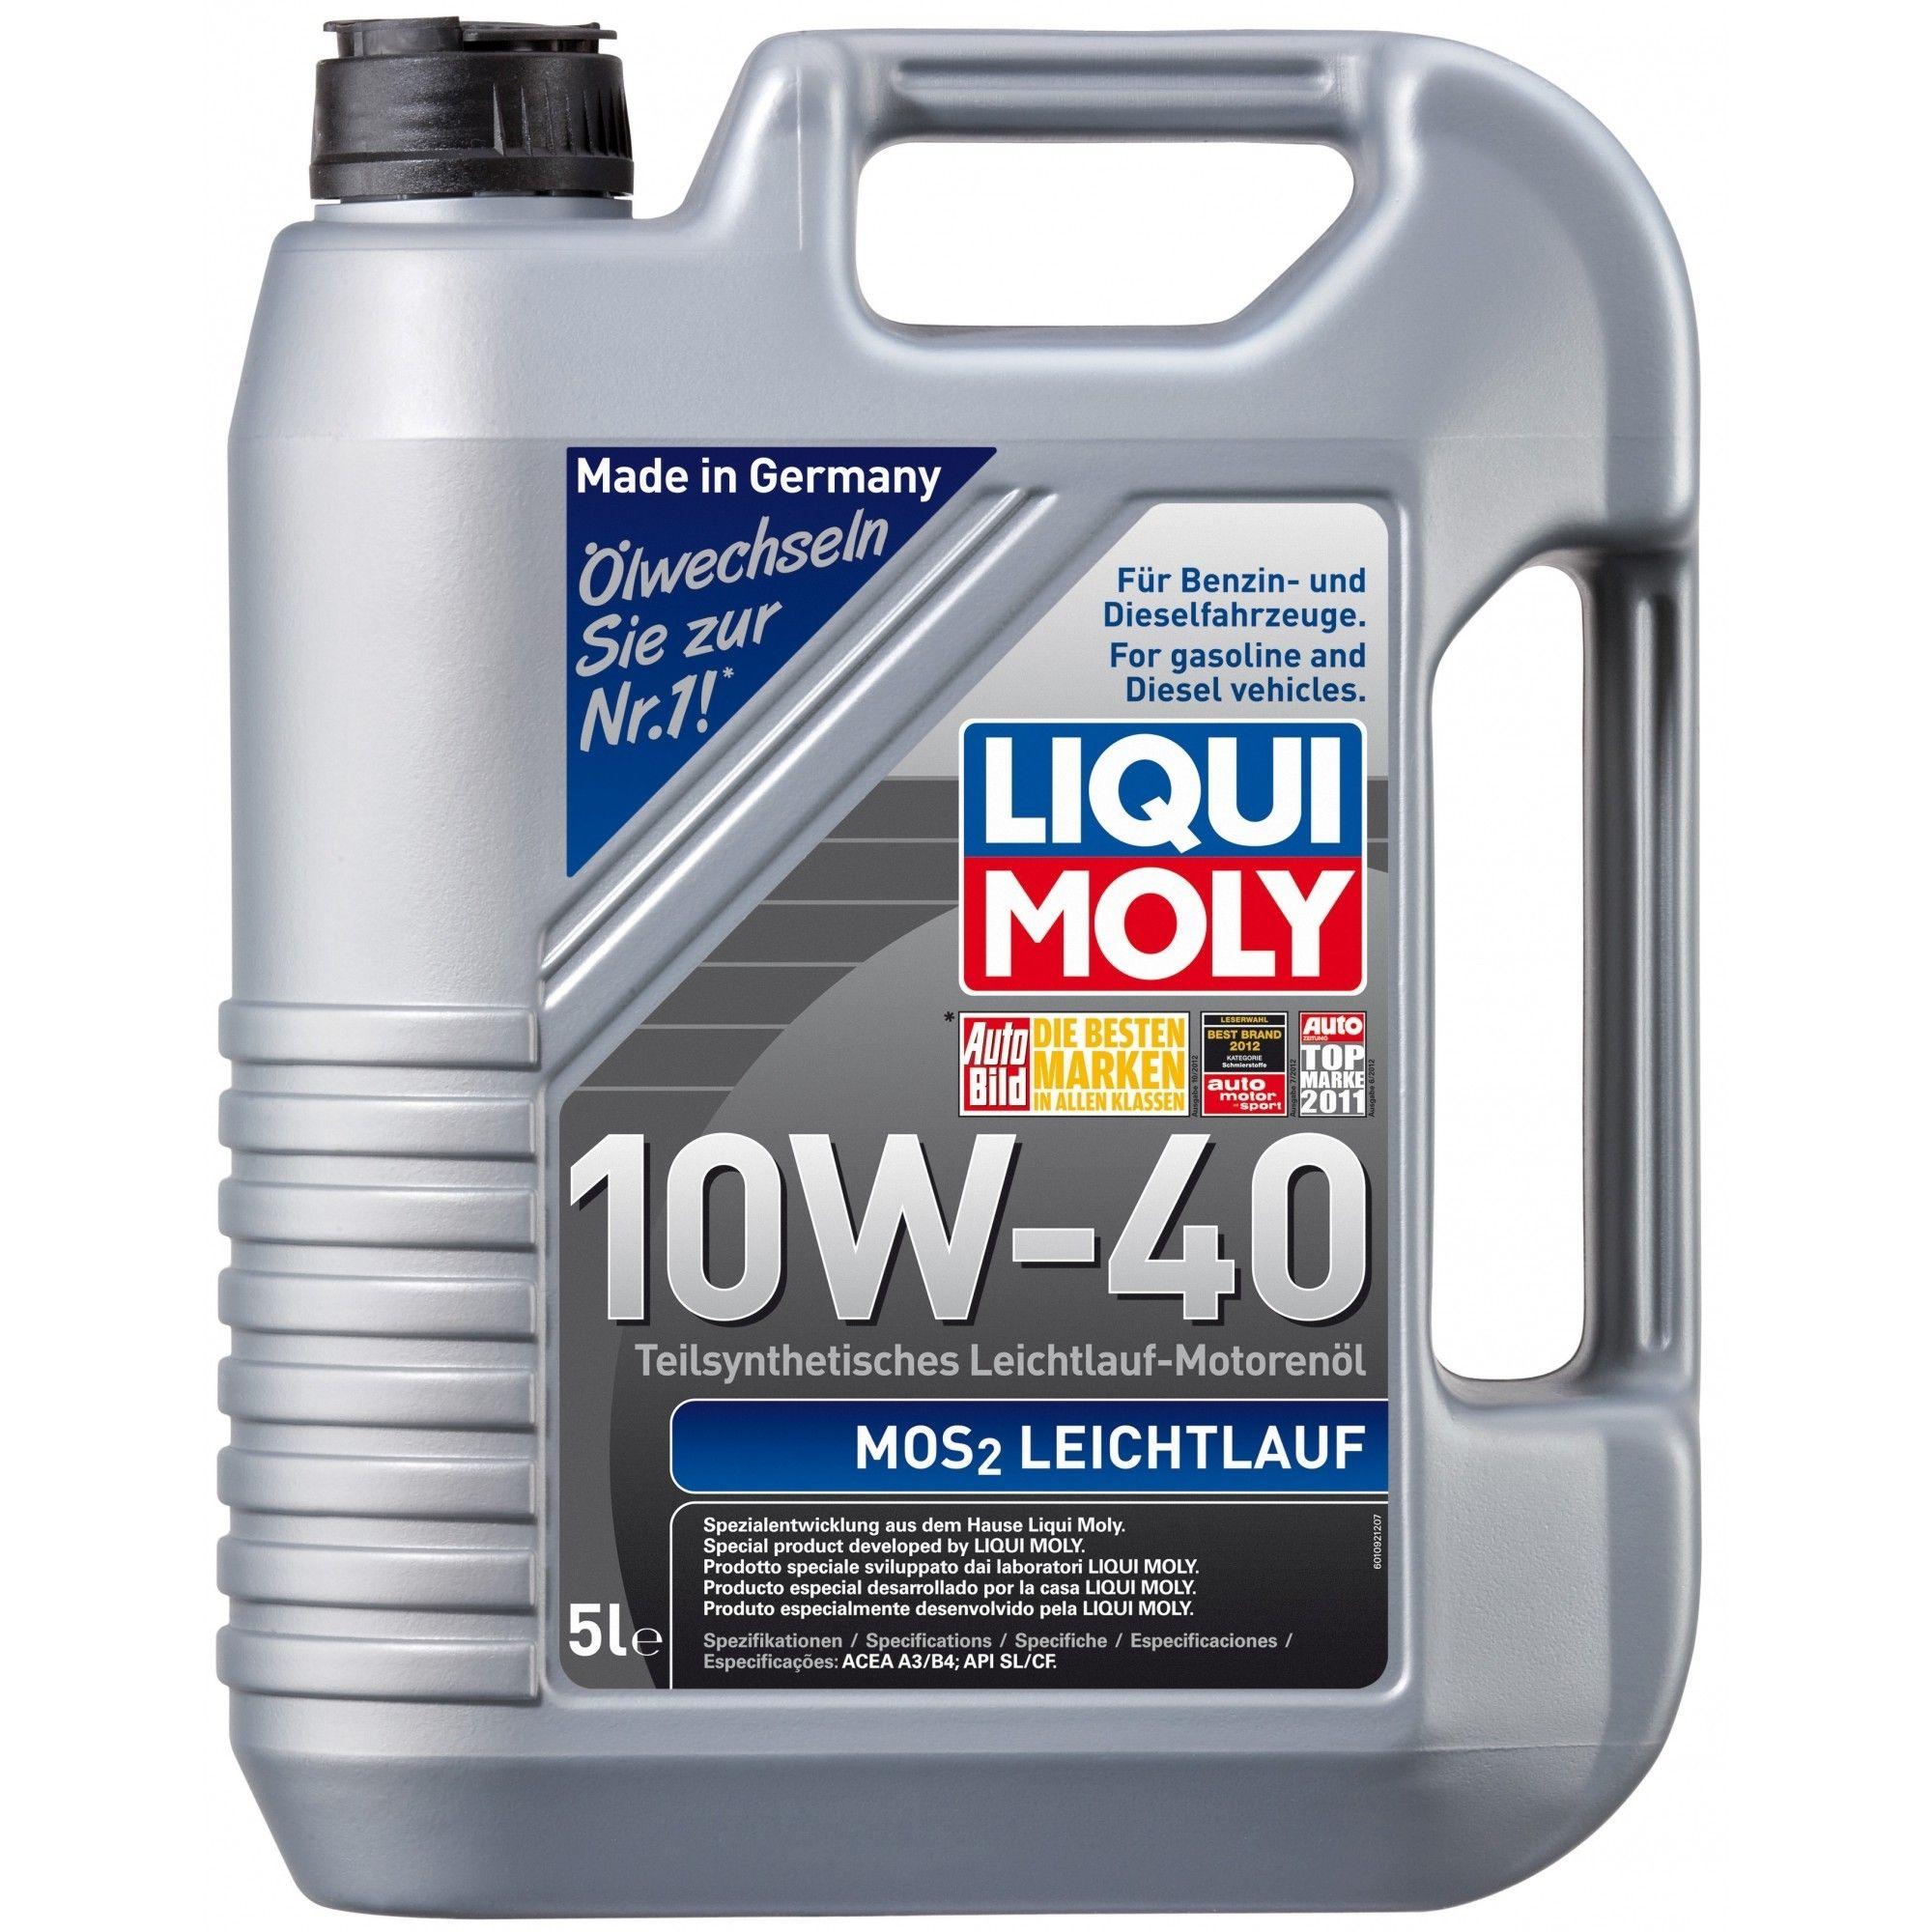 Liqui Moly MoS2 Leichtlauf 10W-40 5л